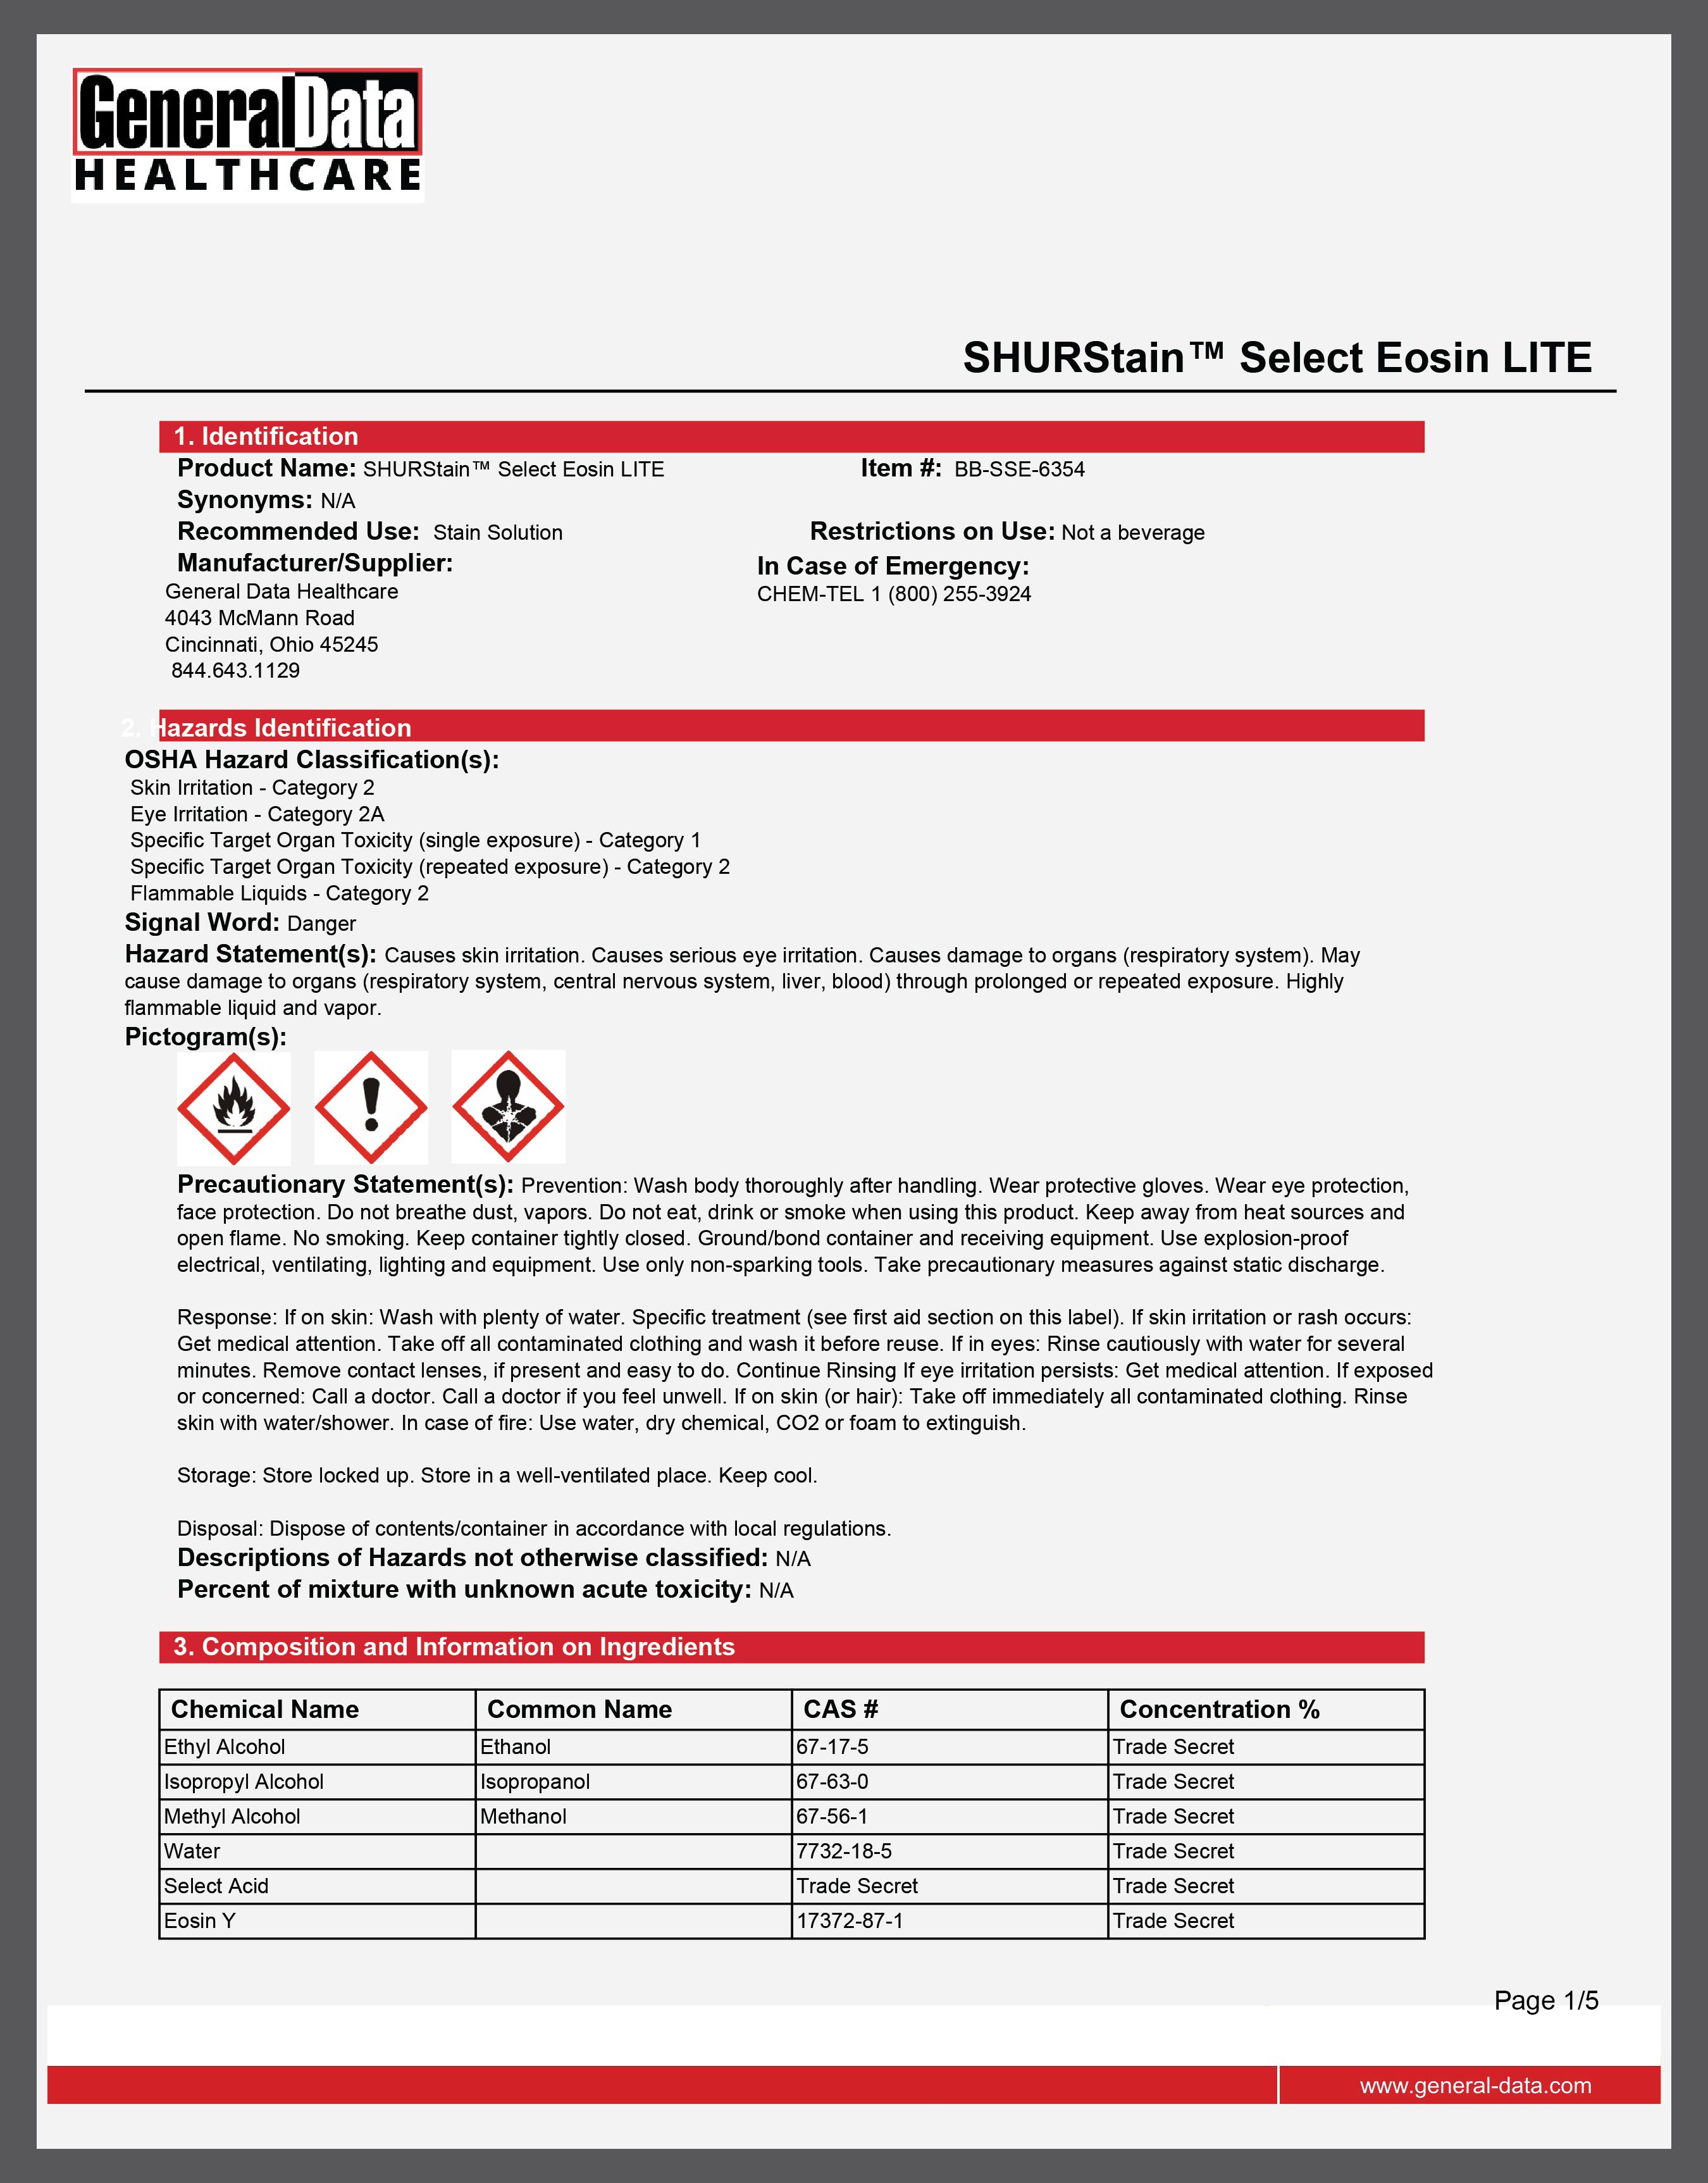 SHURStain Select Eosin LITE Safety Data Sheet